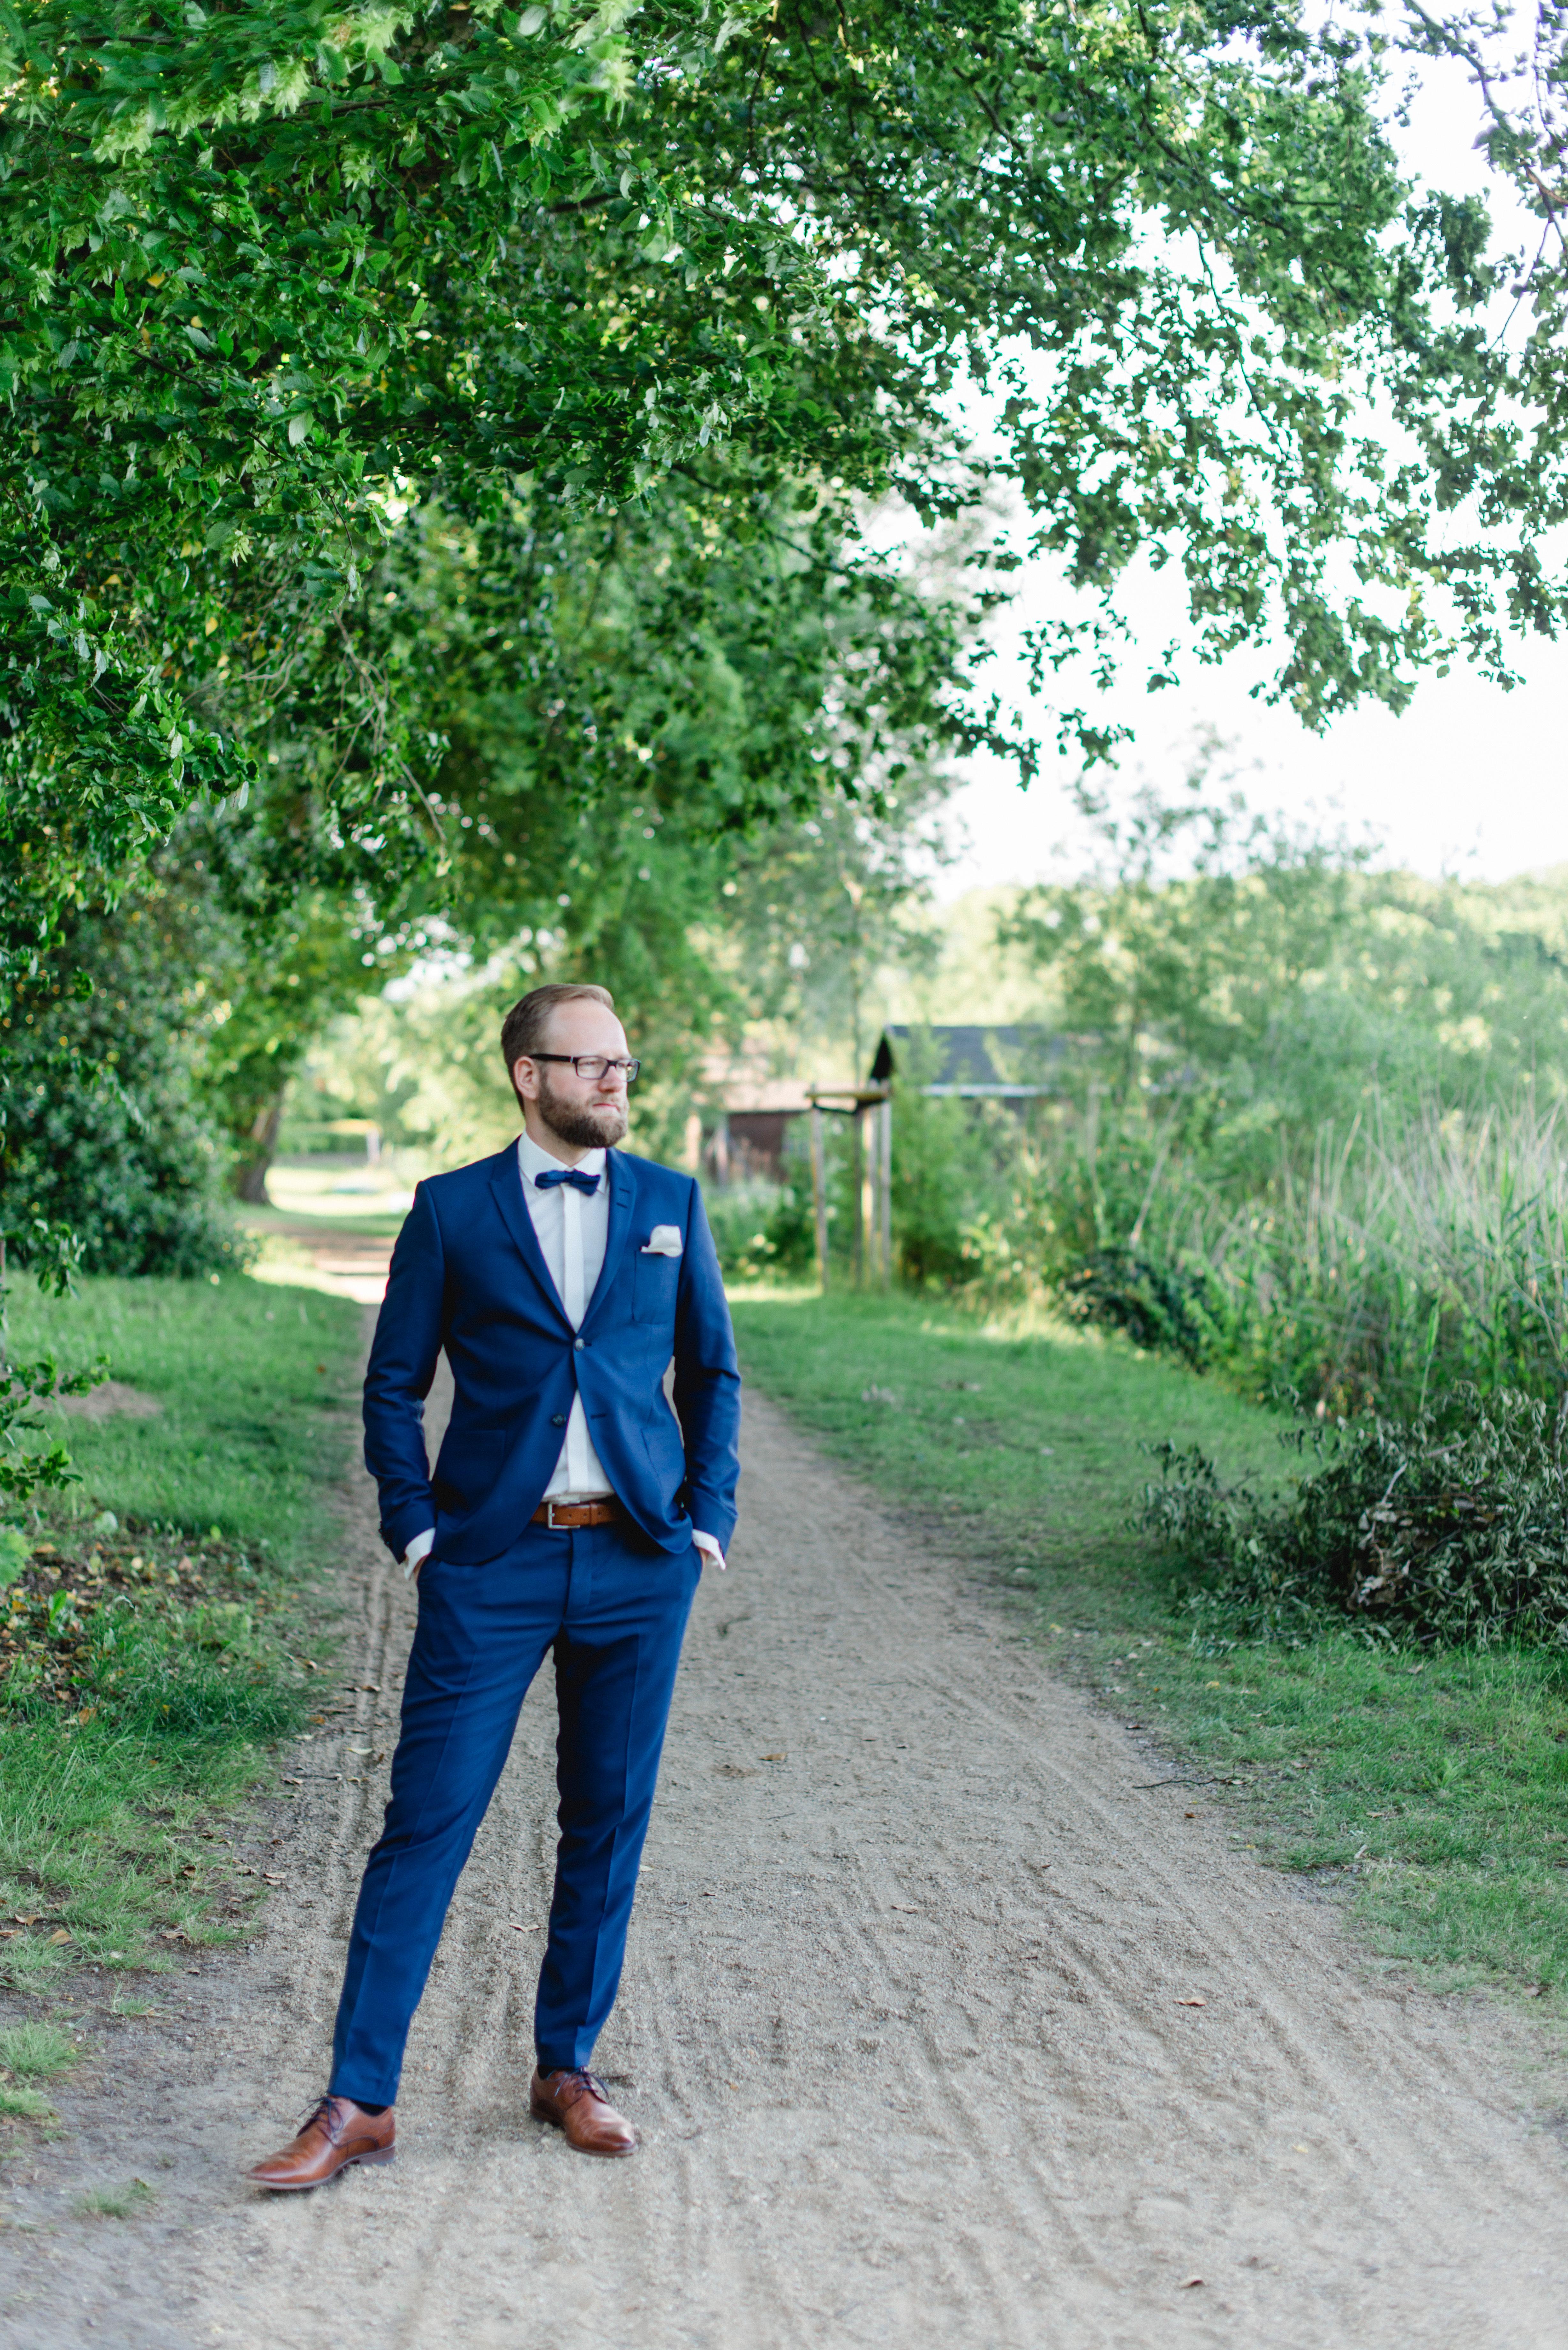 KathleenWelkerPhotography_Hochzeit-am-See-Paarfotos-Schaarlsee-Bride-Groom-Hochzeit-69